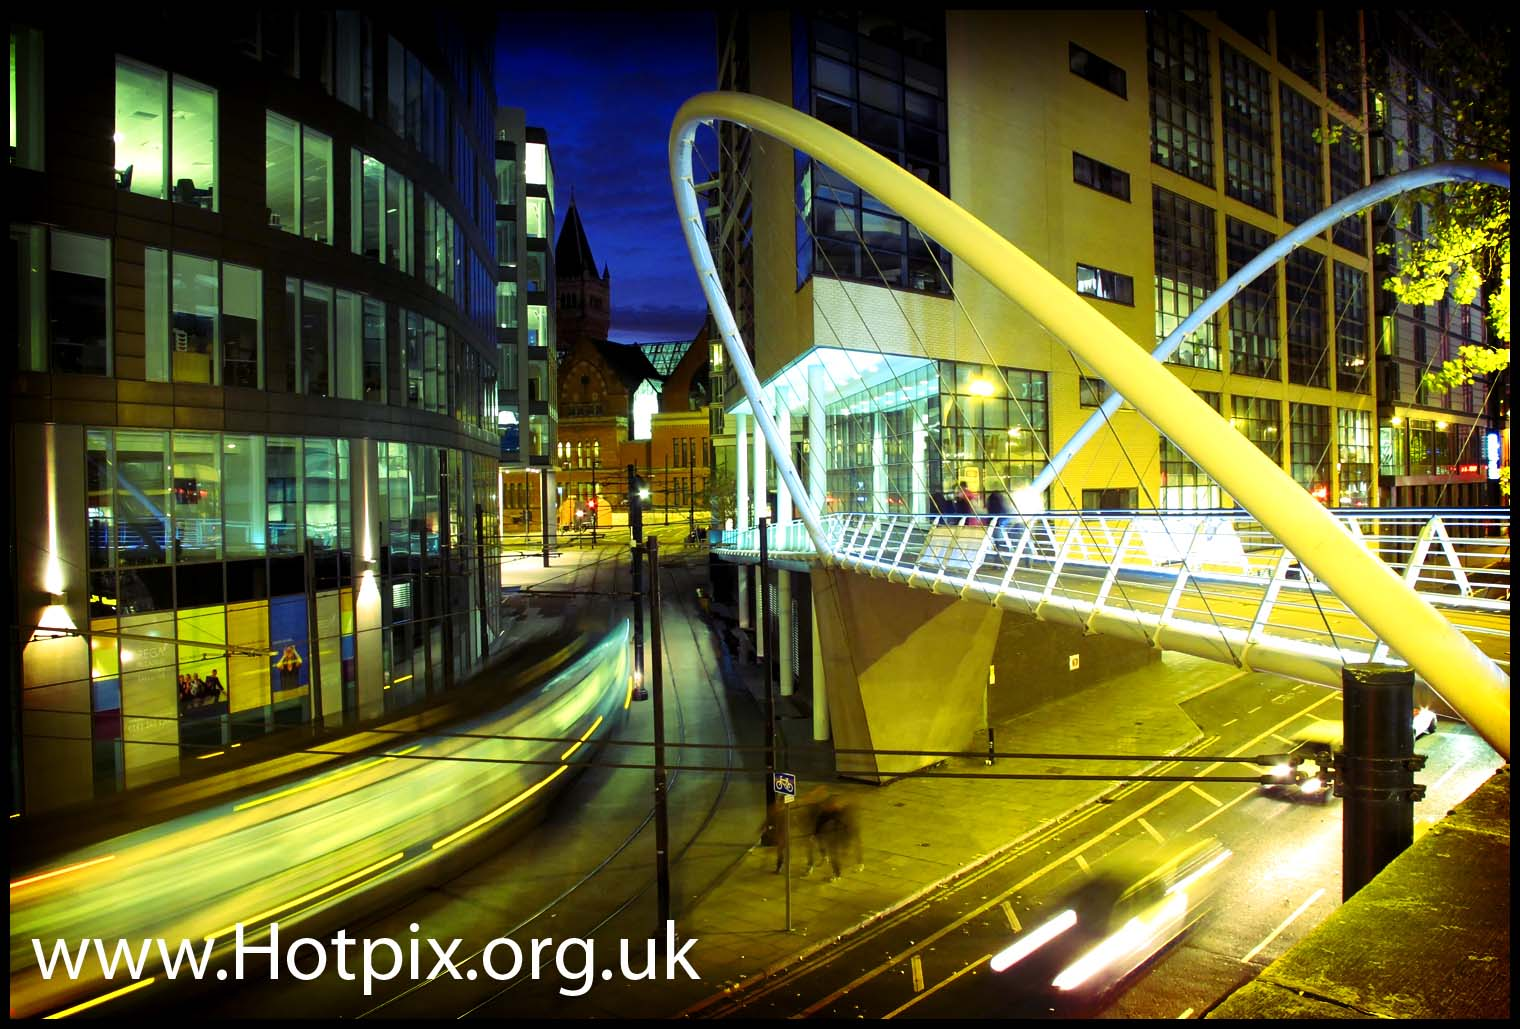 manchester,dusk,night,shot,Picadilly,piccadilly,bridge,car,movement,tony,smith,hotpix,tonysmith,tonysmithhotpix,UK,united,kingdom,GB,britain,great,north,west,northwest,england,ipod,shuffle,magic,hour,blue,hotpix.rocketmail.com,hotpixuk.rocketmail.com,contact.tony.smith.gmail.com,tony.smith.gmail.com,tonys@miscs.com,tony.smith@mis-ams.com,edimburgh,ColorPhotoAward